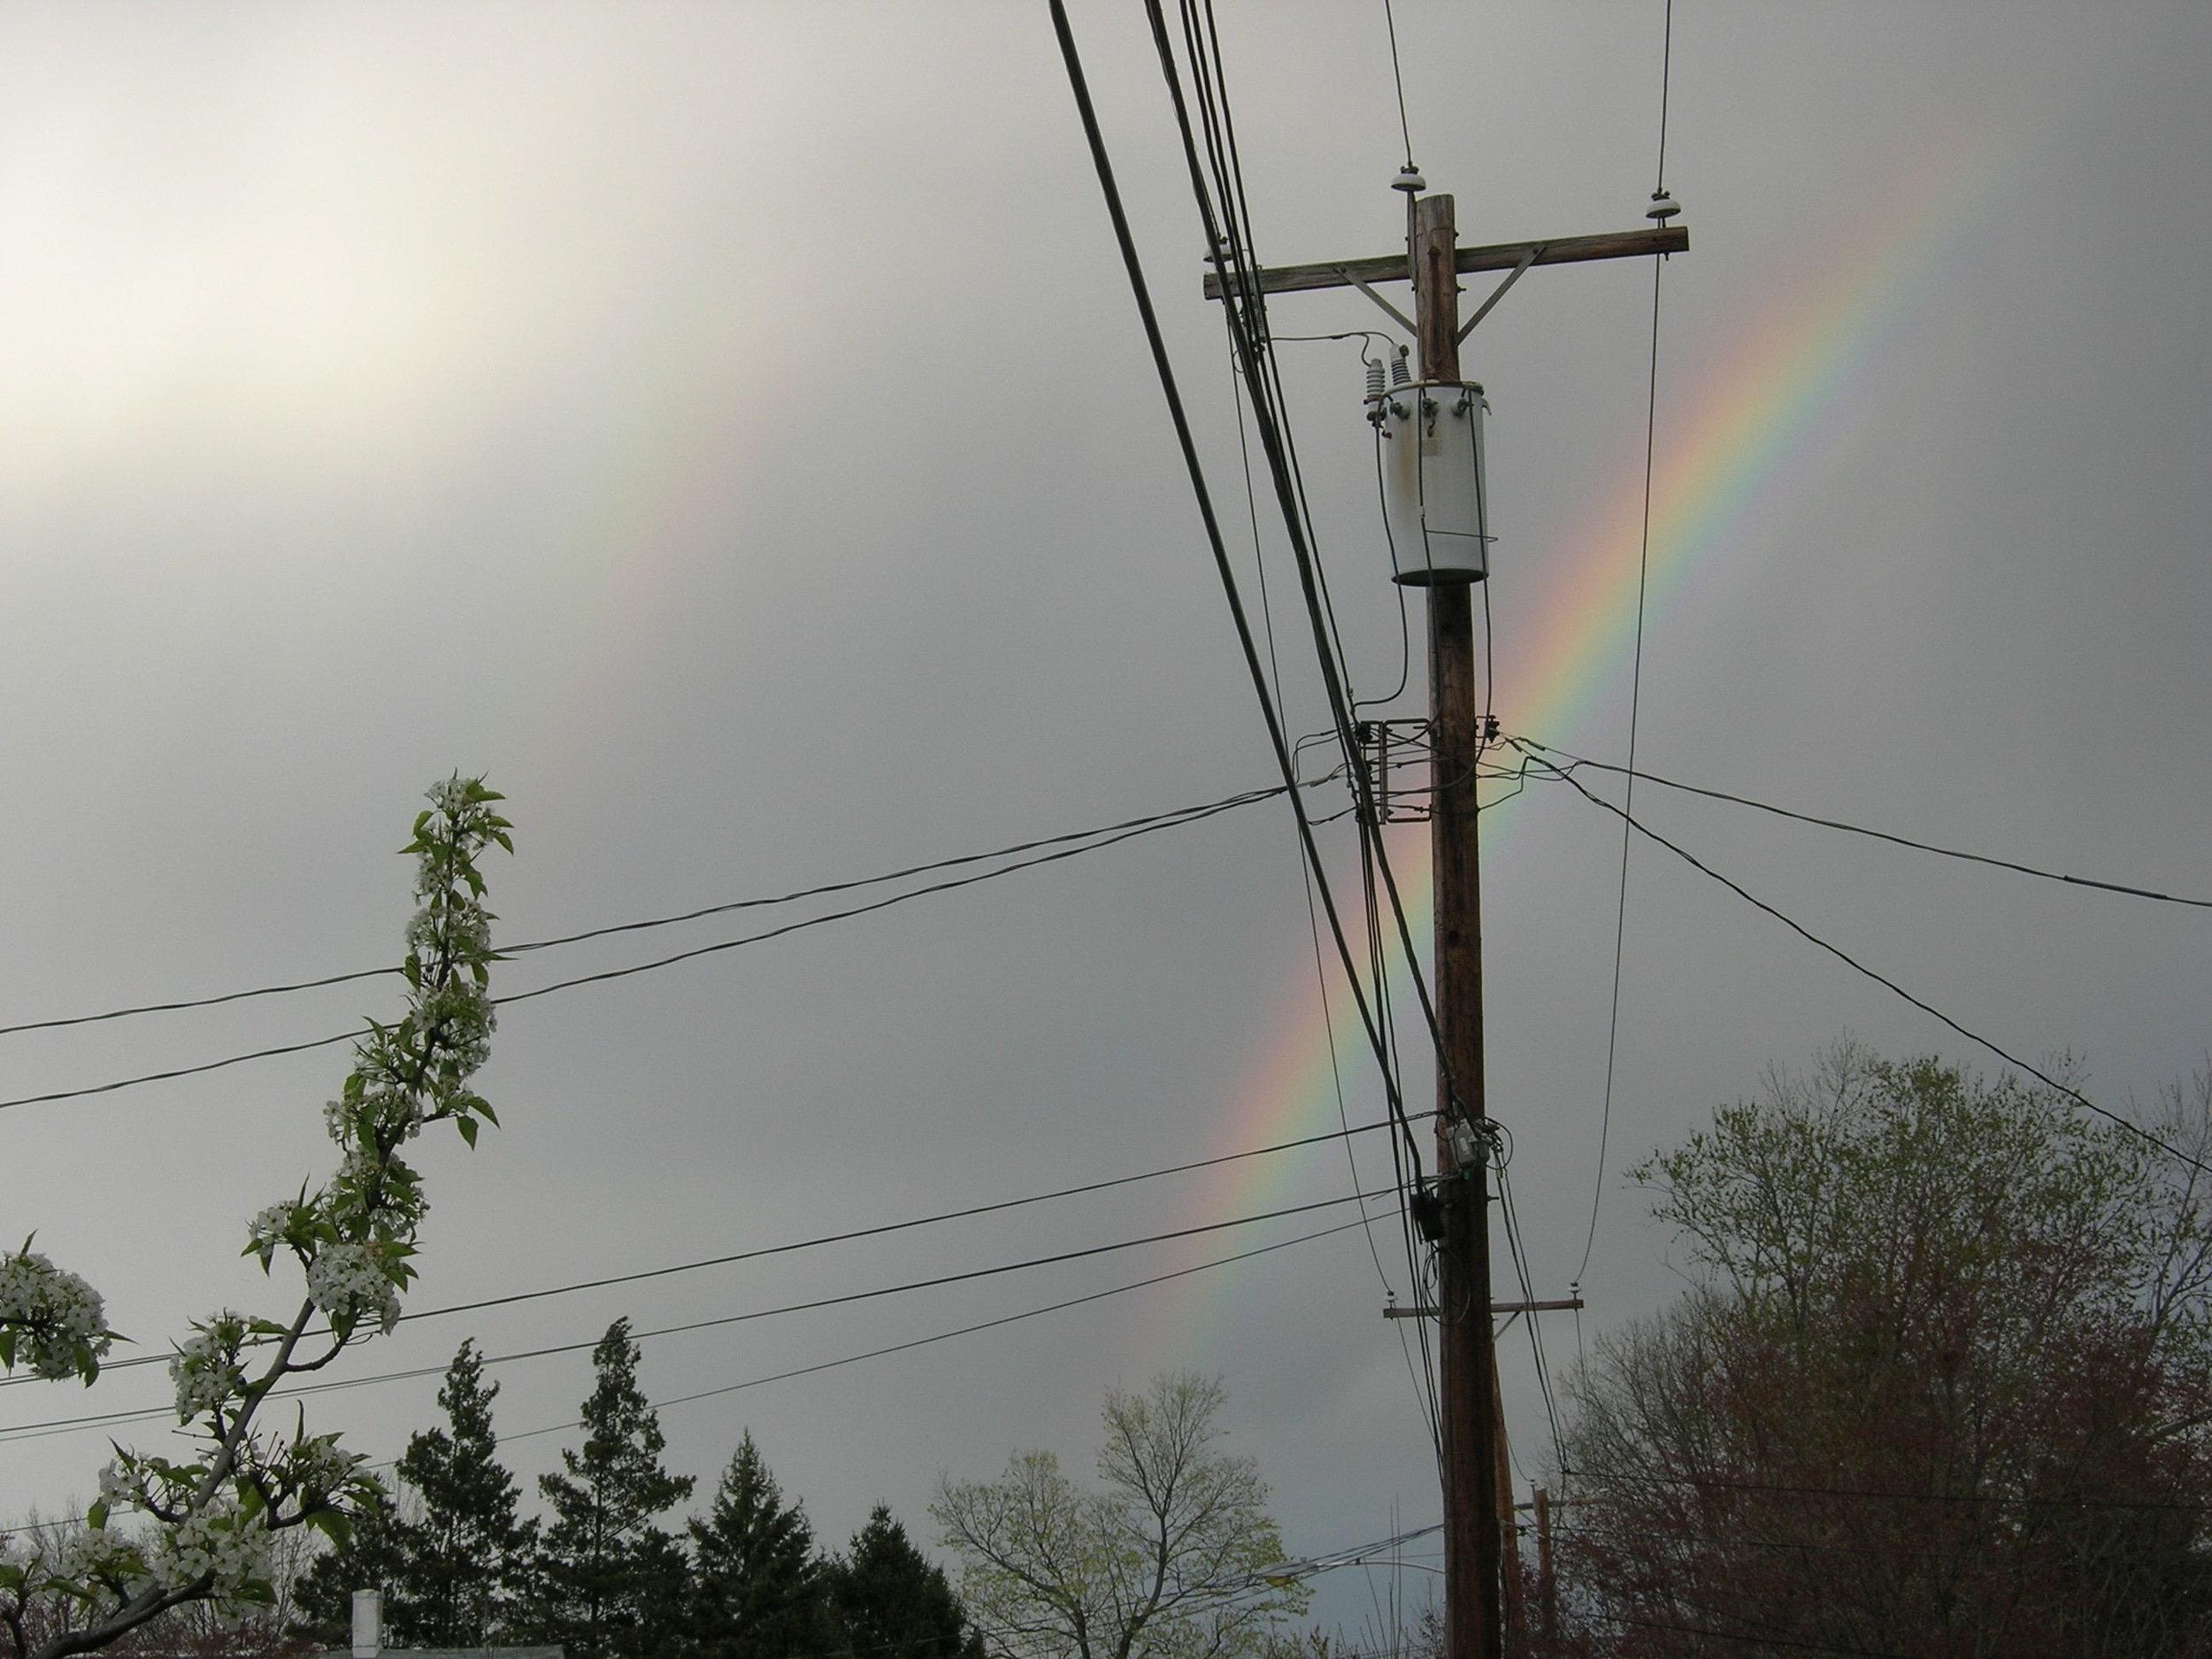 rainbowandpole0001.jpg